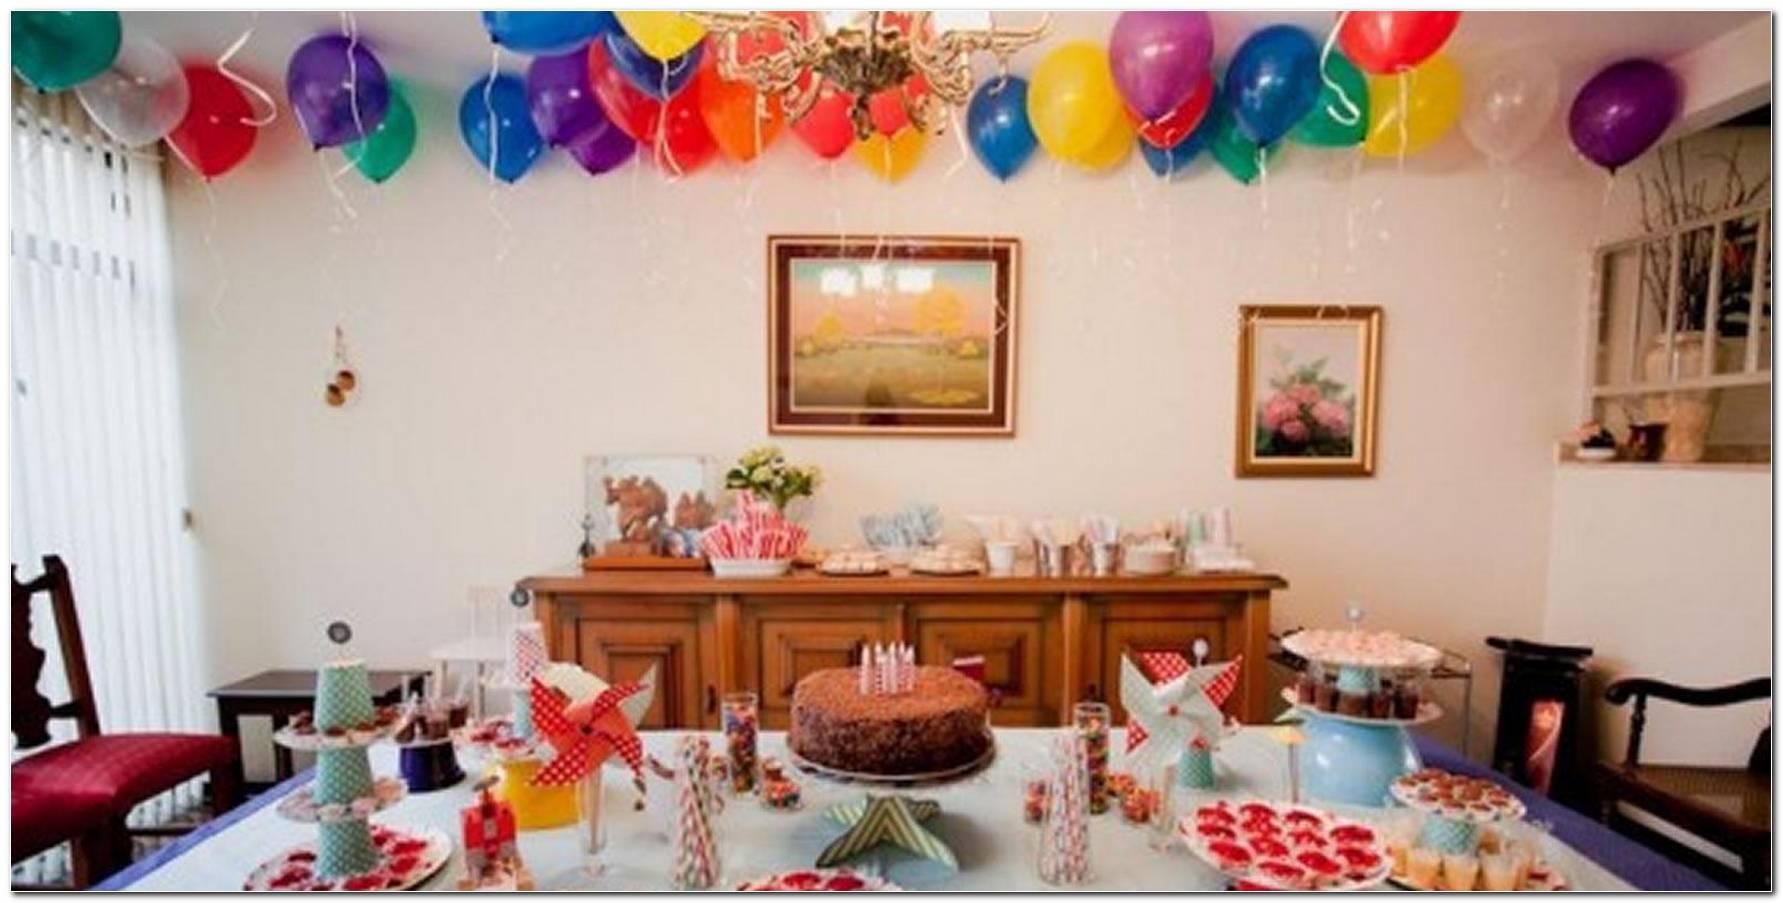 Decoração Festa Infantil Em Casa